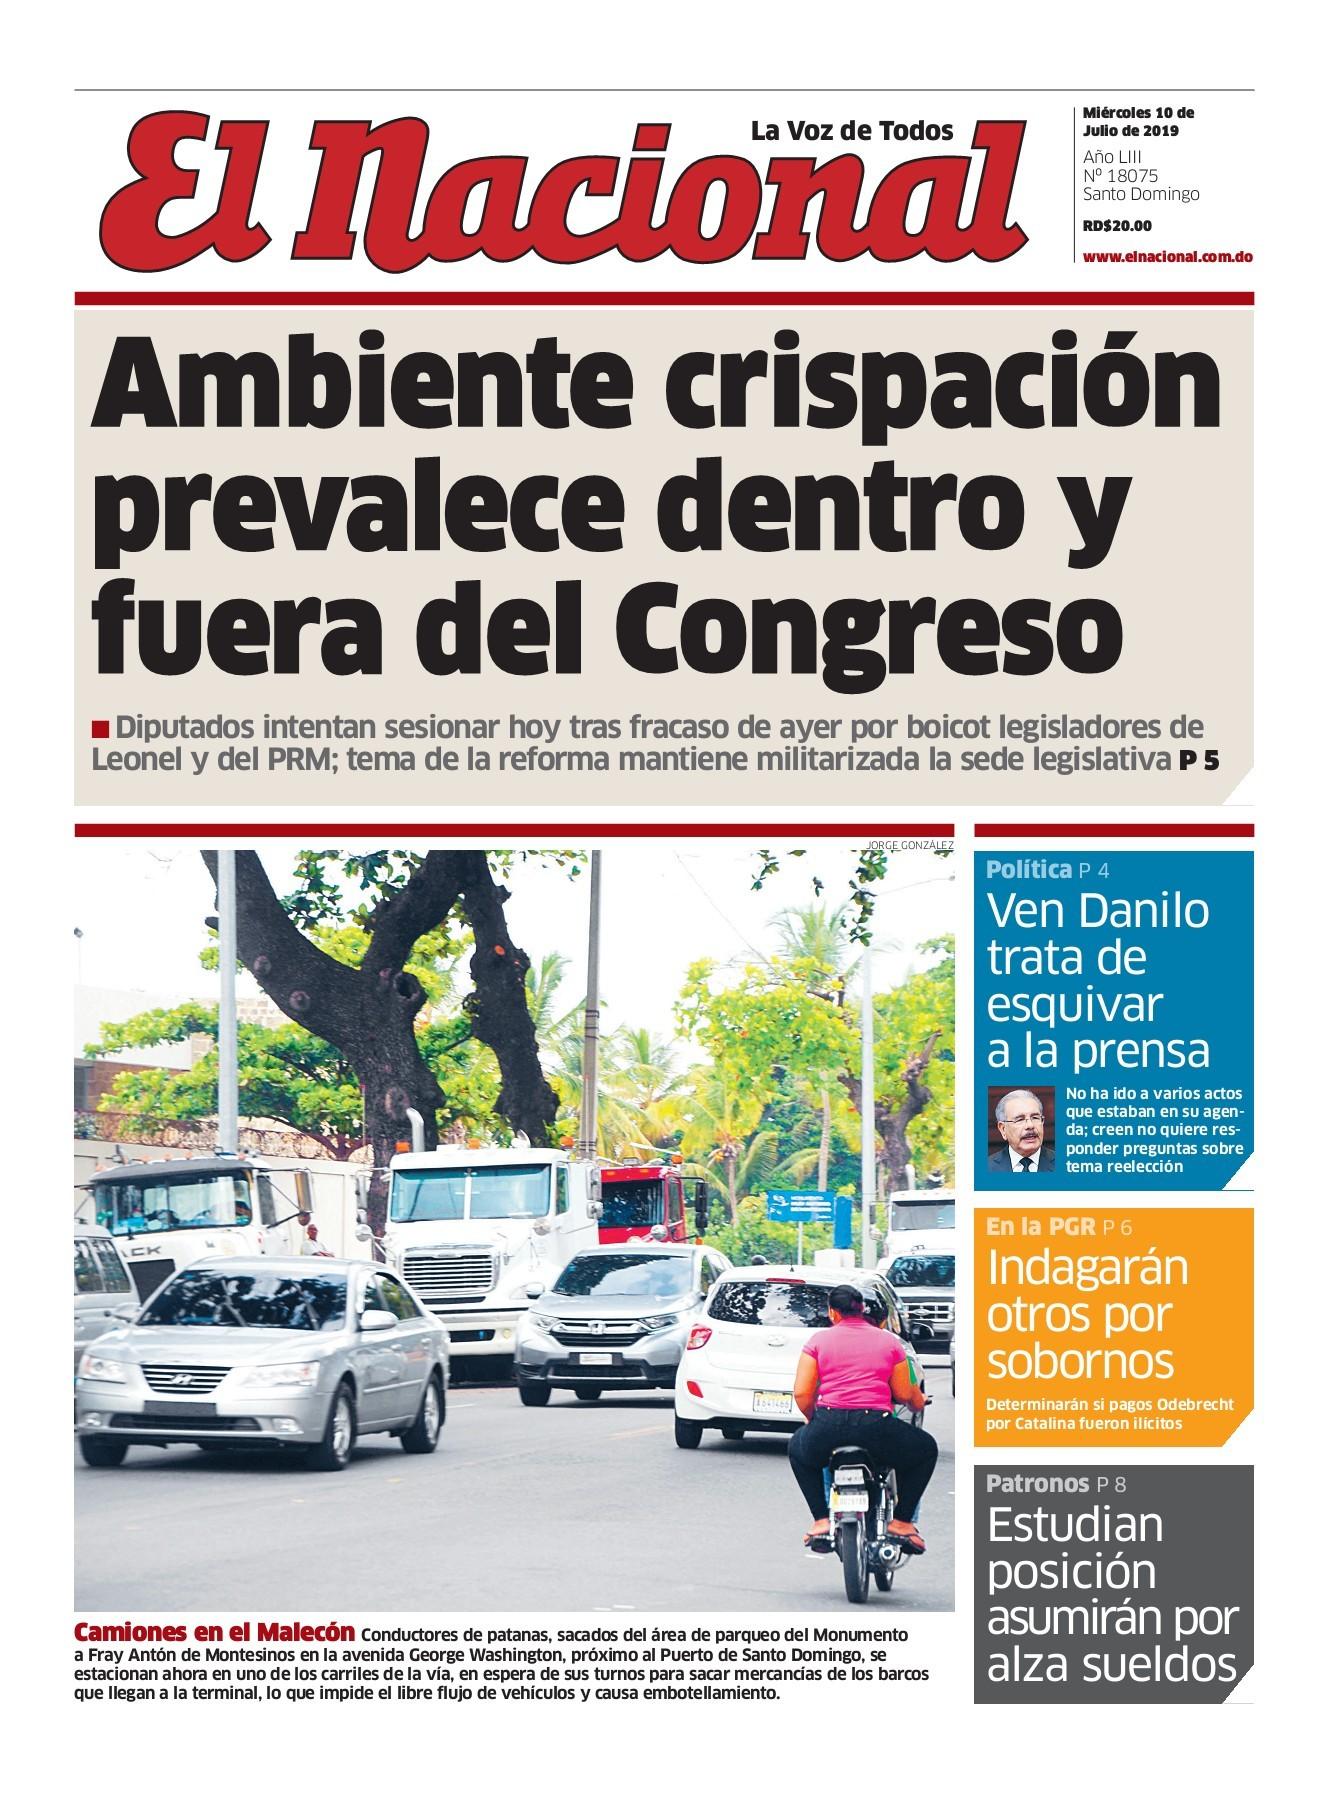 Portada Periódico El Nacional, Miércoles 10 de Julio, 2019